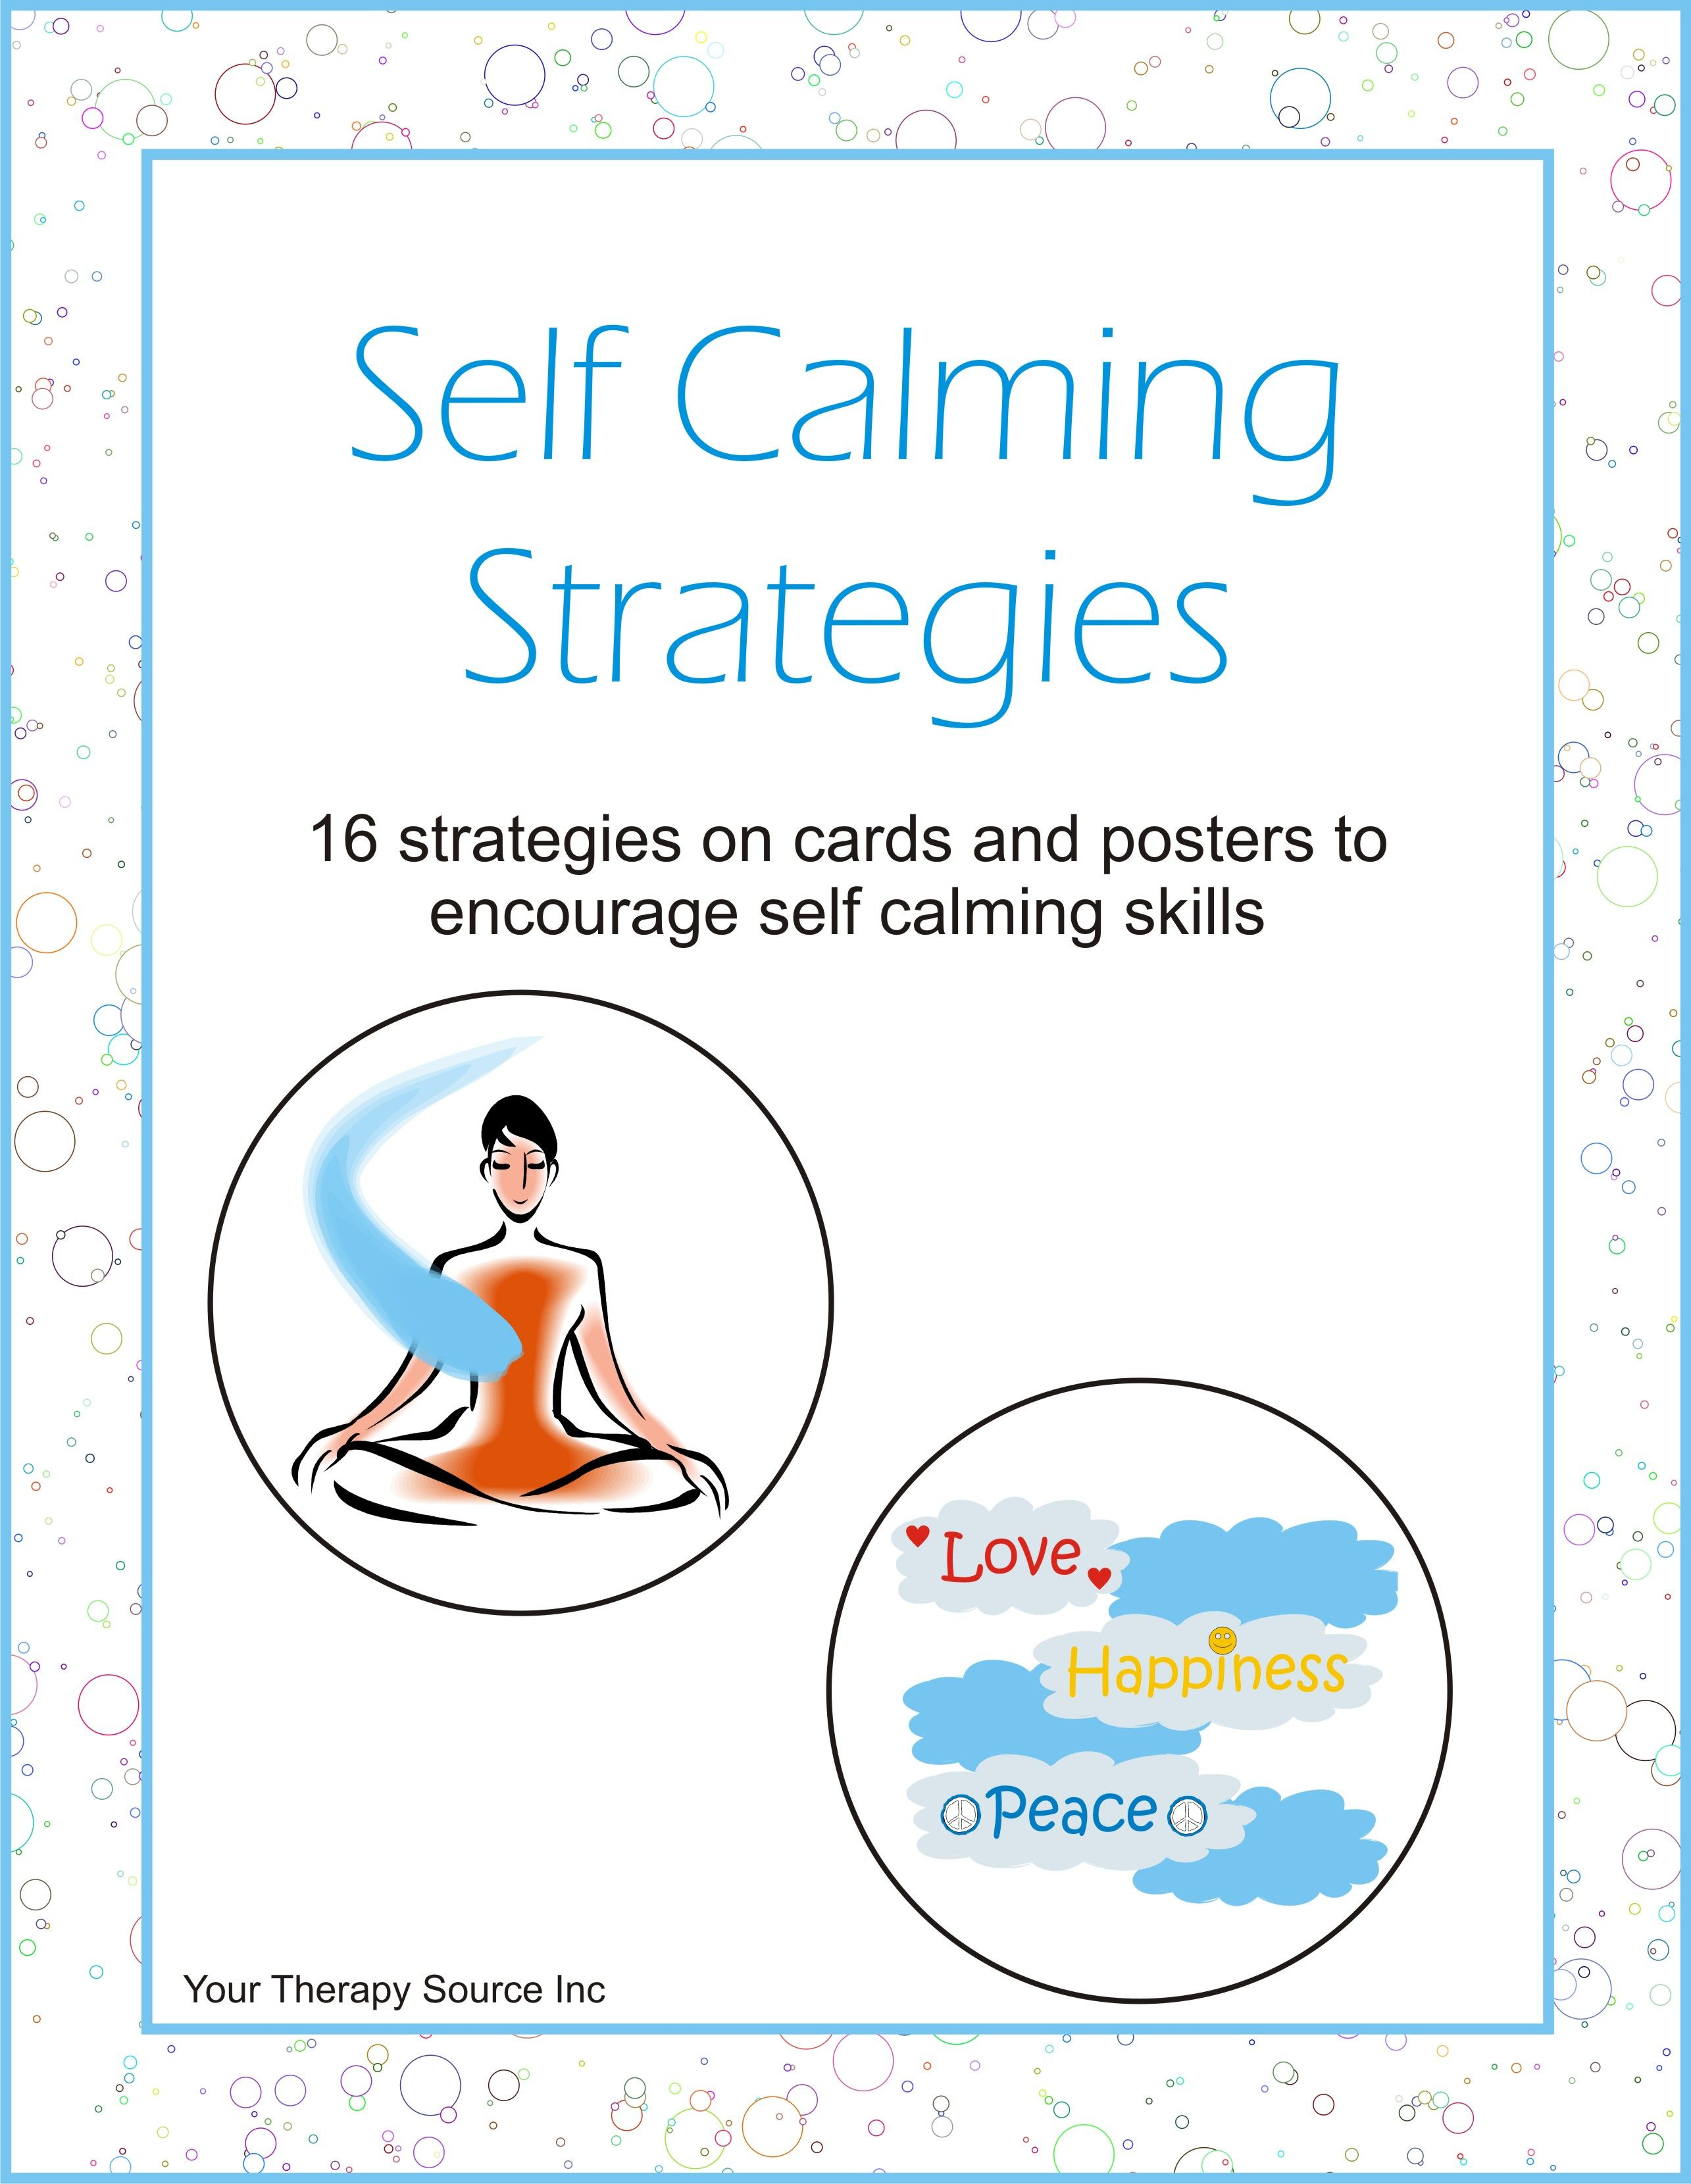 Self Calming Strategies